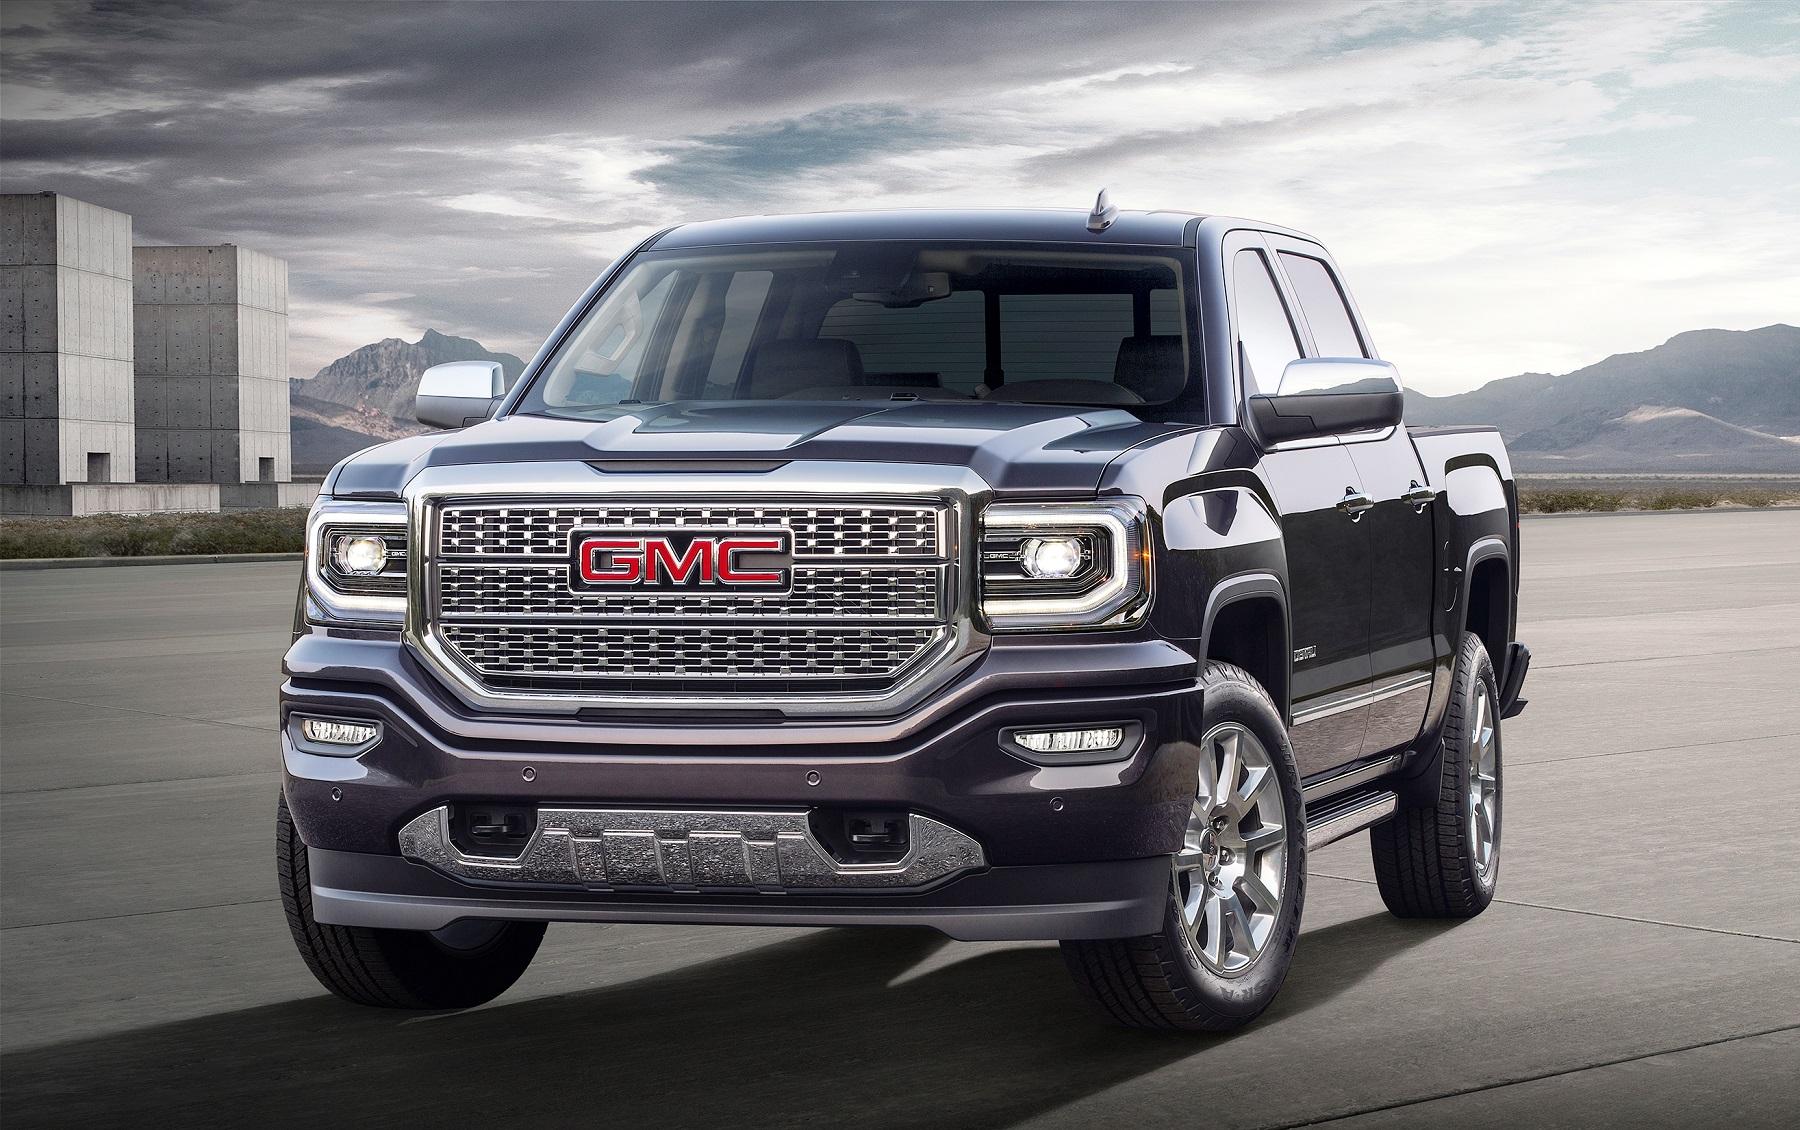 2016 Gmc Sierra Truck